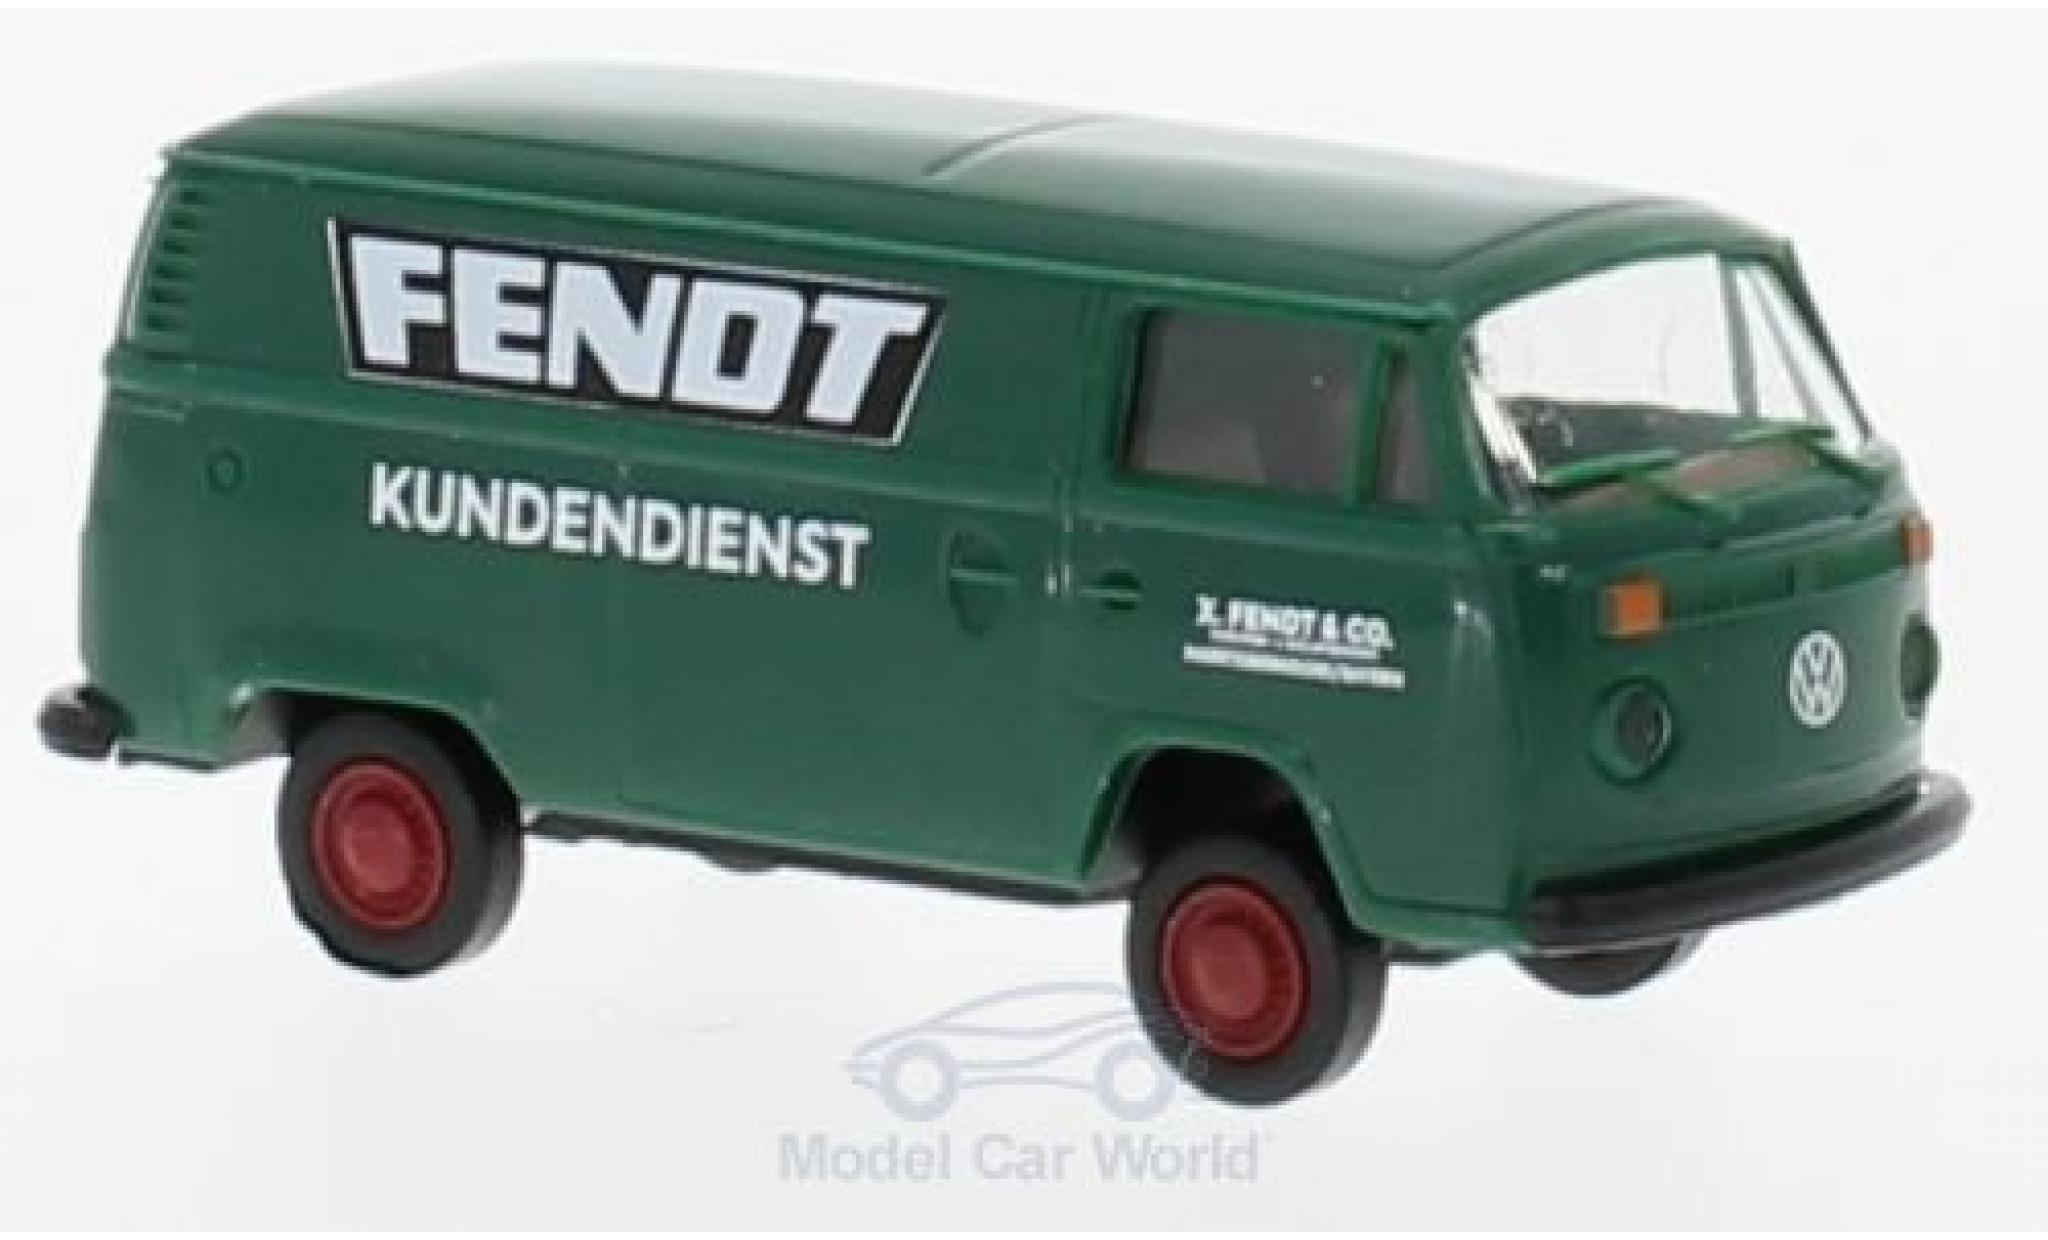 Volkswagen T2 A 1/87 Brekina Kasten Fendt Kundendienst